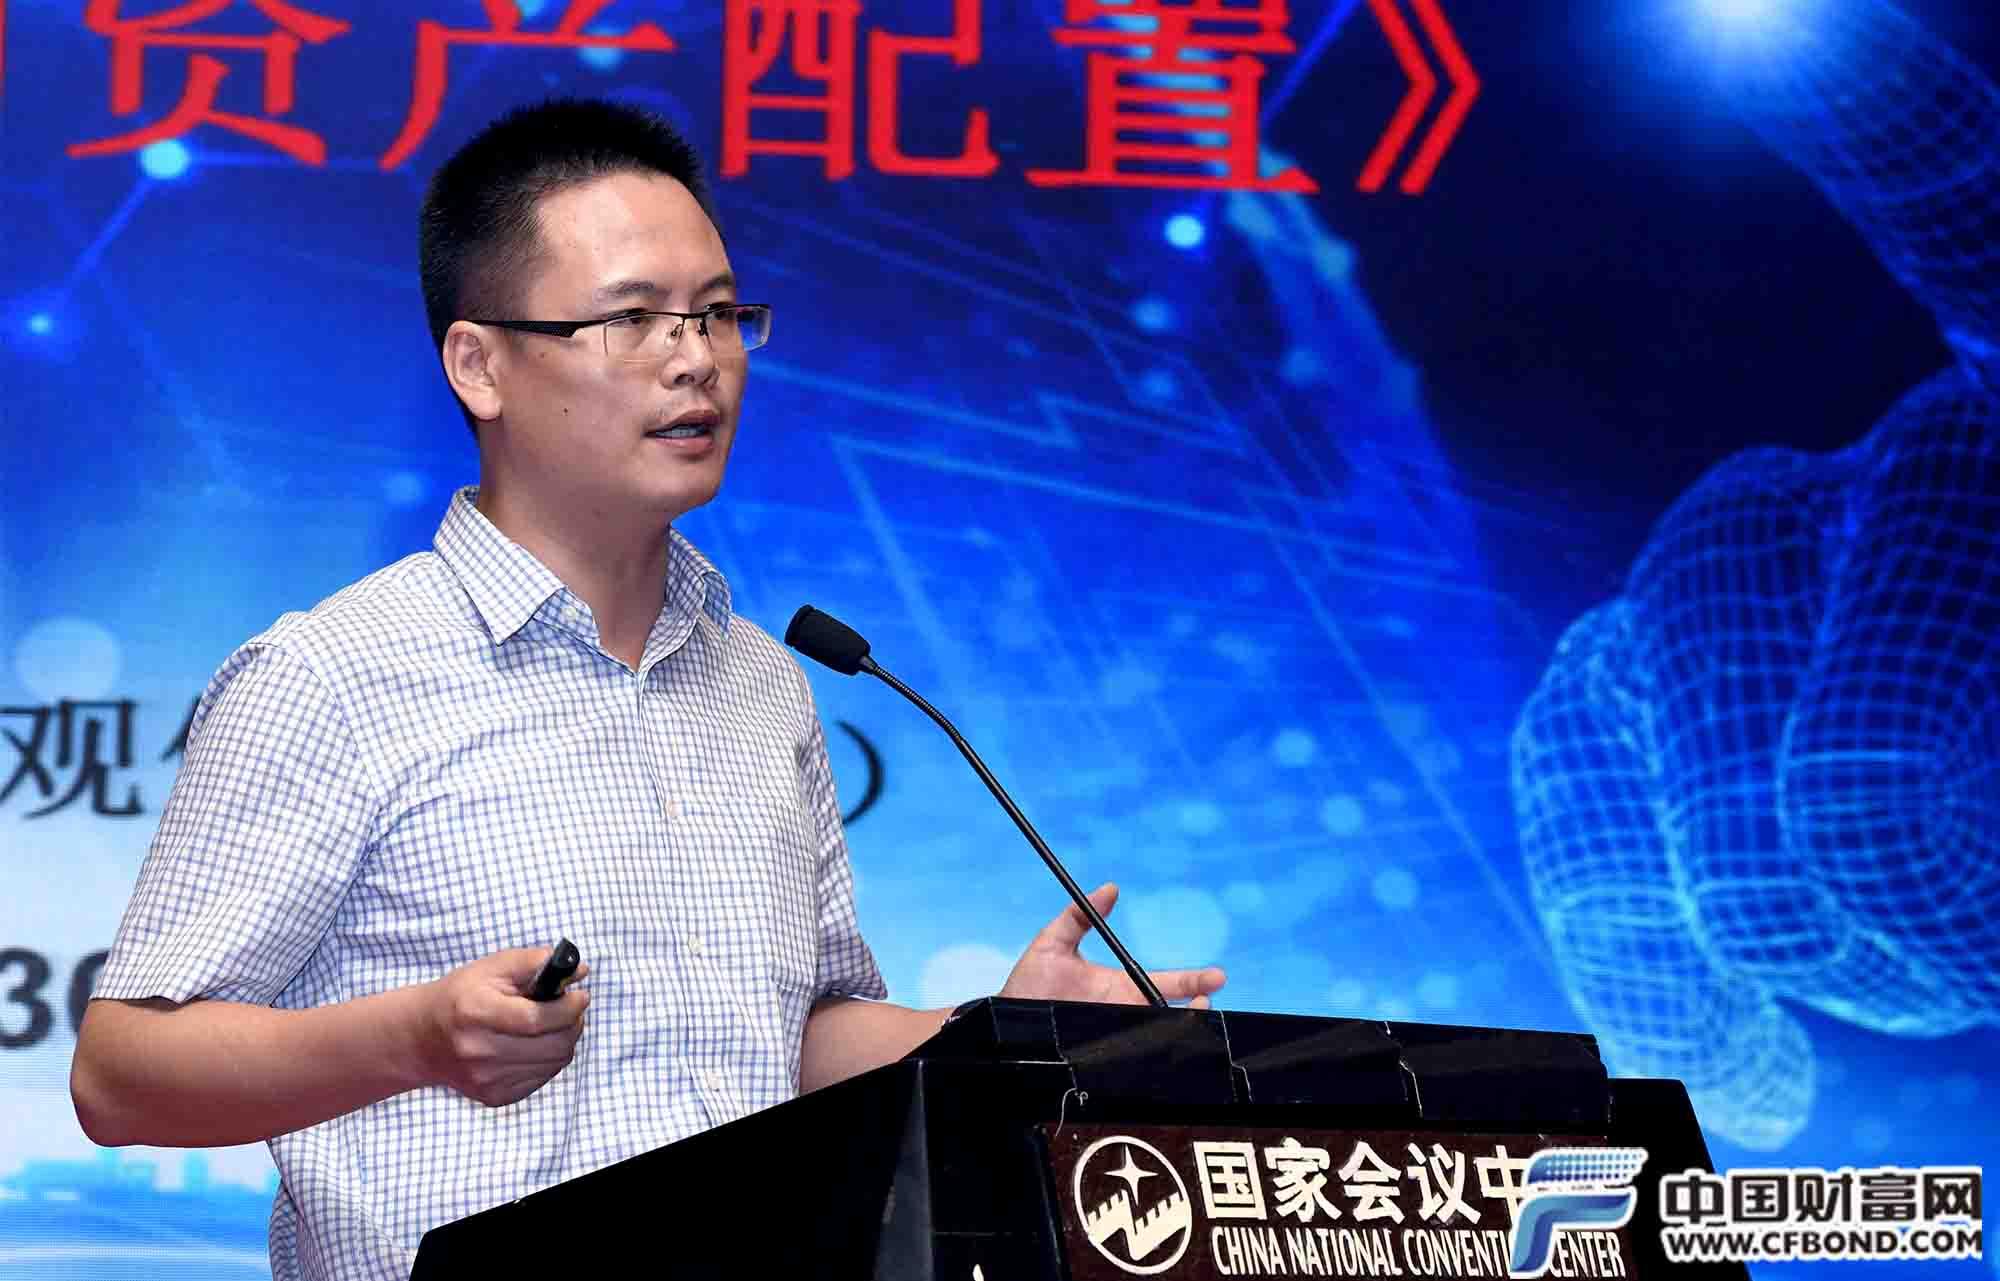 海通证券首席经济学家姜超发表演讲